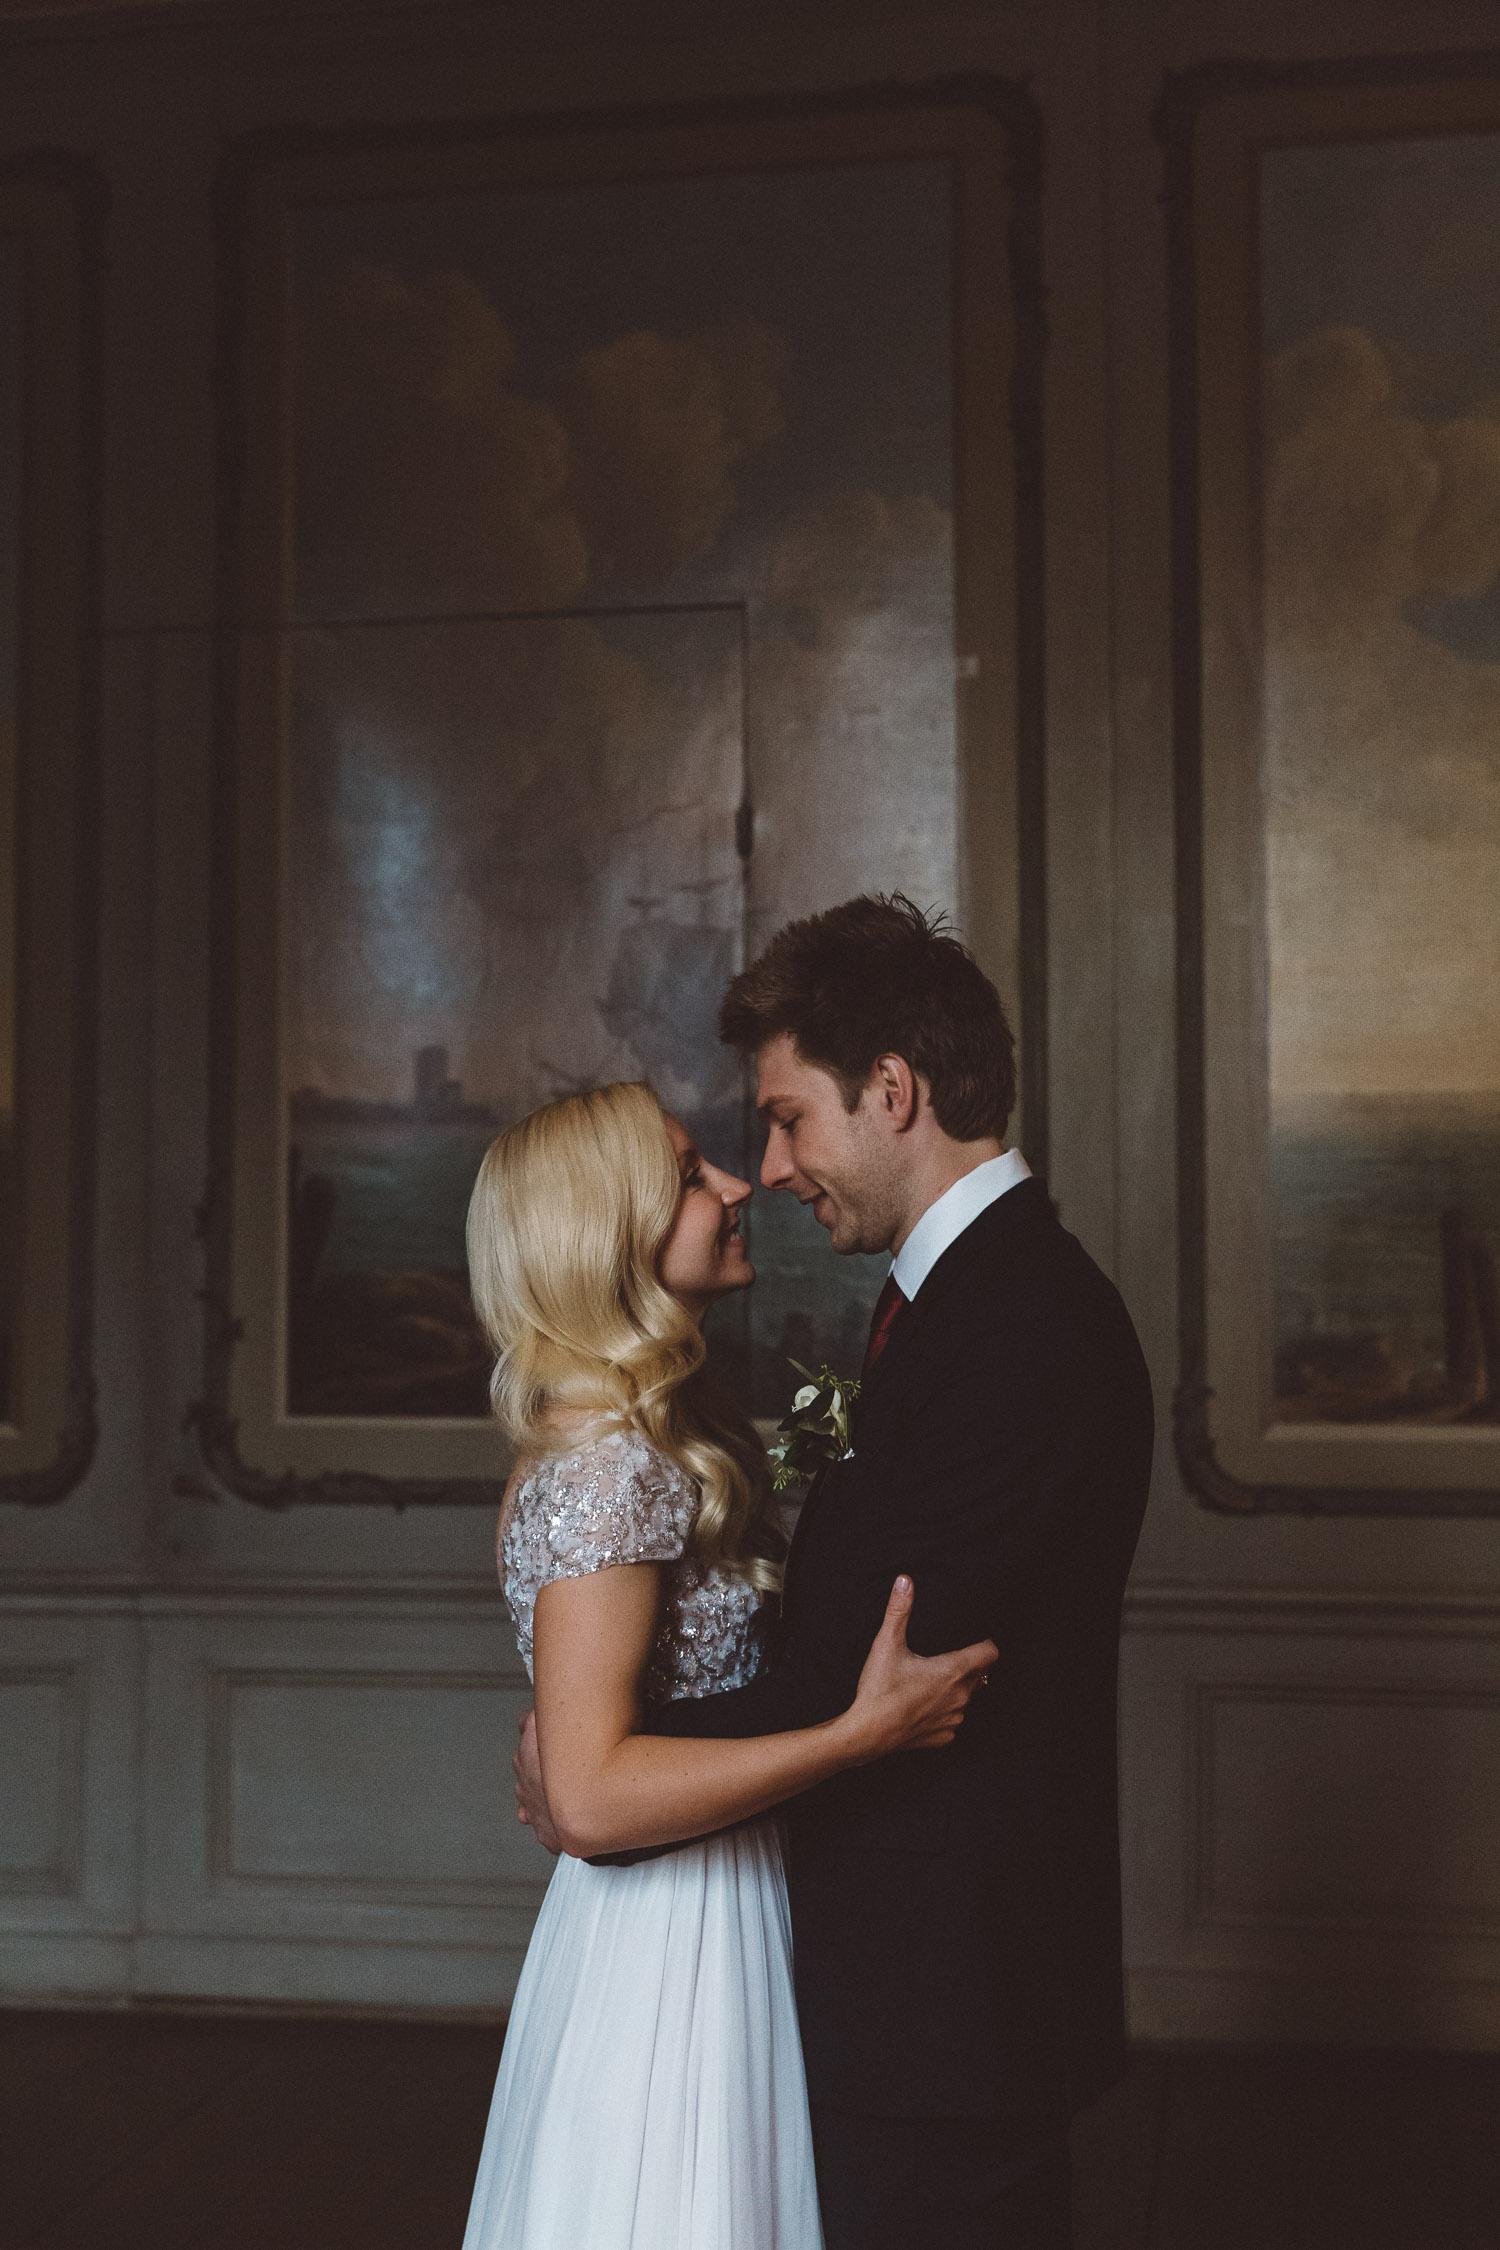 Wedding-huwelijk-trouwen-bruiloft-photography-fotografie-fotograaf-Van-Loon-Museum-by-On-a-hazy-morning-Amsterdam-7.jpg